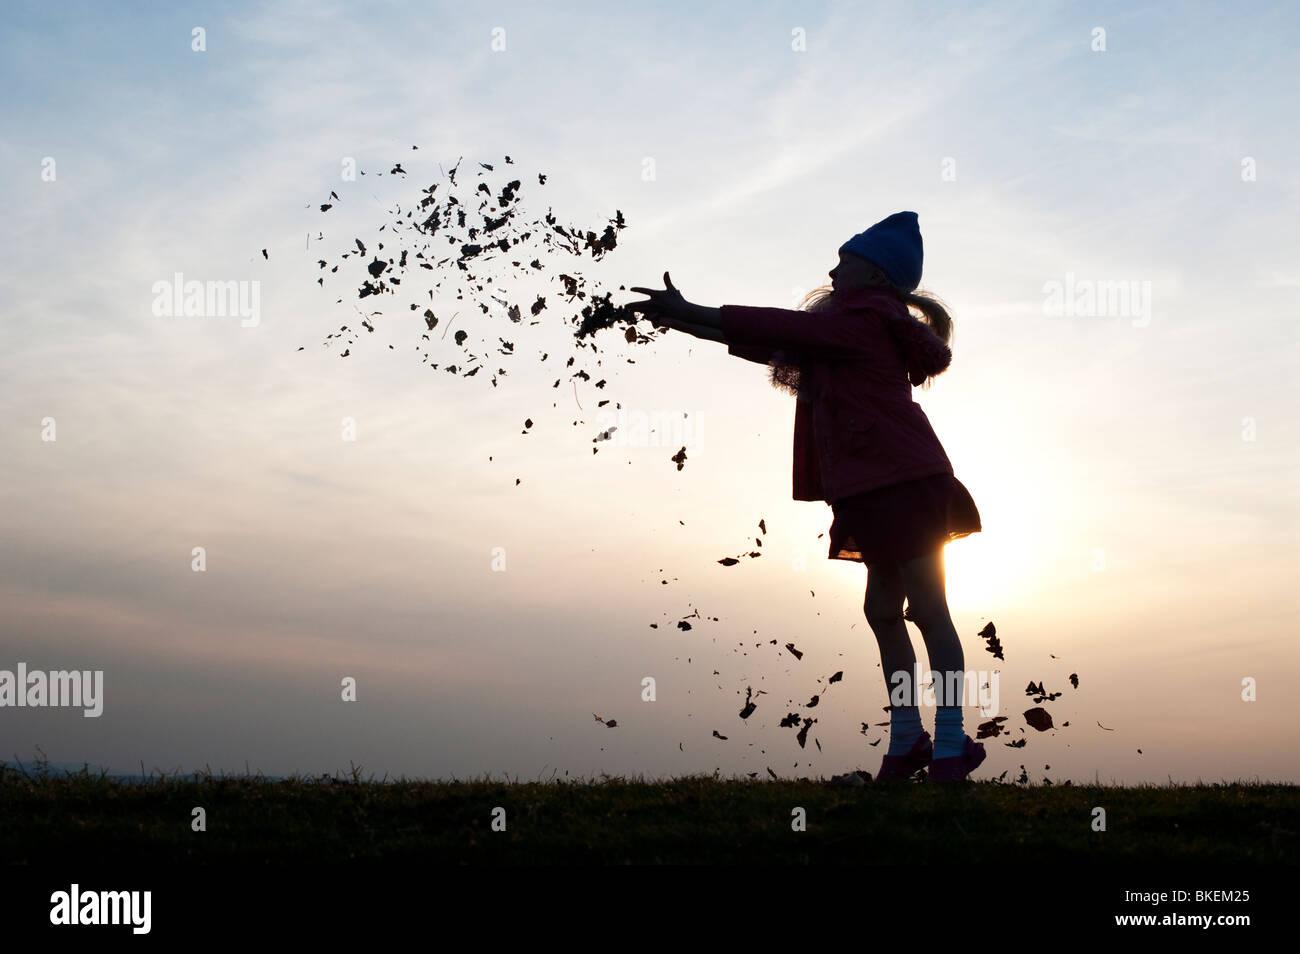 Giovane ragazza divertirsi gettando le foglie. Silhouette Immagini Stock